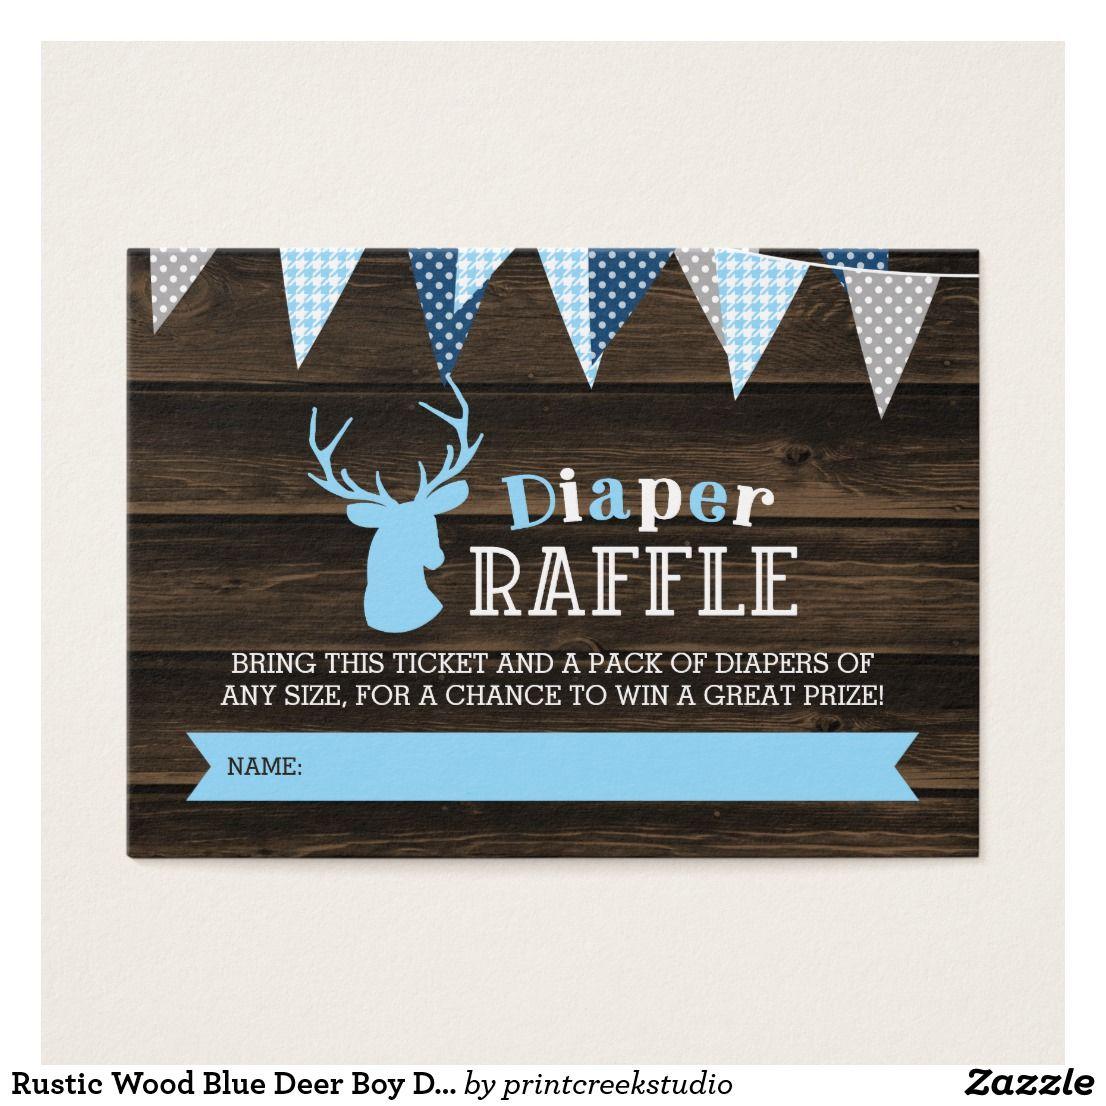 Rustic Wood Blue Deer Boy Diaper Raffle Ticket Enc